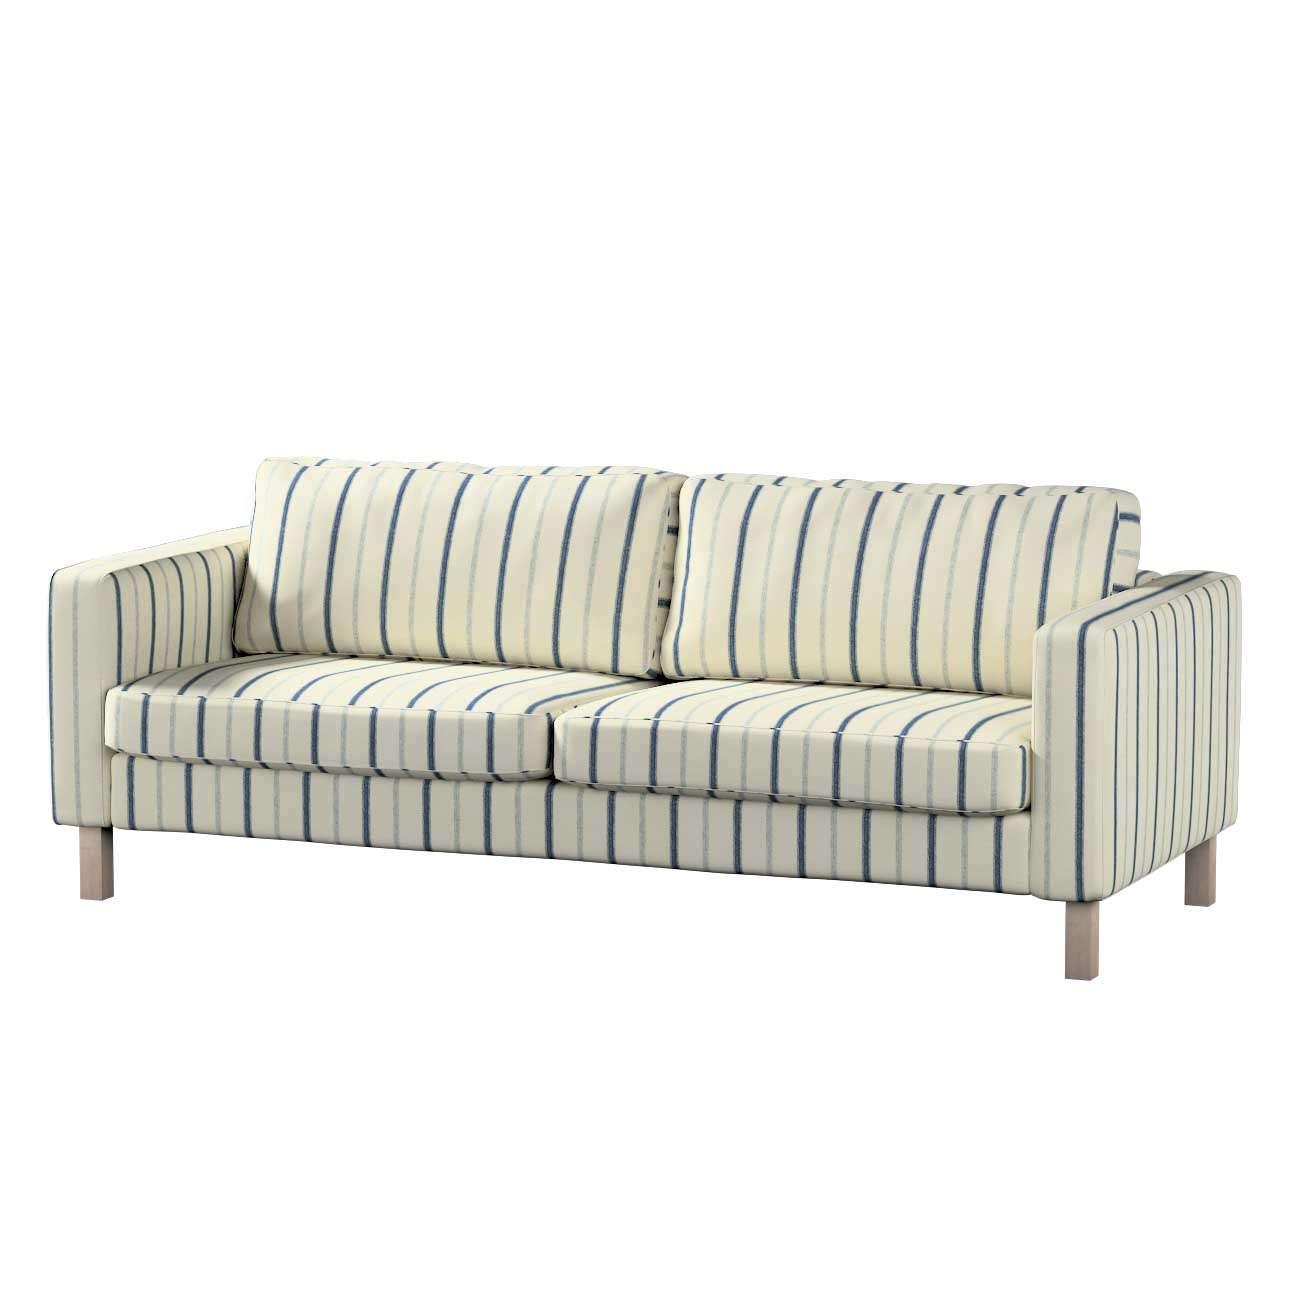 Pokrowiec na sofę Karlstad 3-osobową nierozkładaną, krótki w kolekcji Avinon, tkanina: 129-66